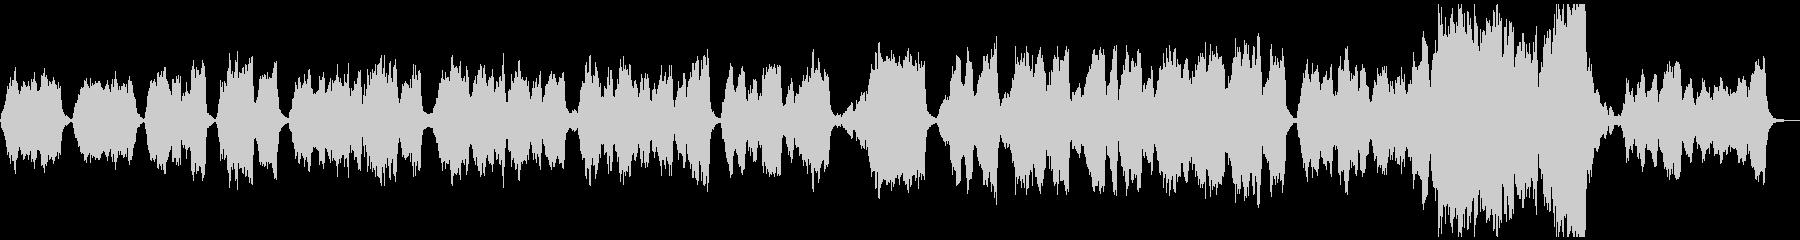 クリスマス定番曲・オーケストラアレンジの未再生の波形